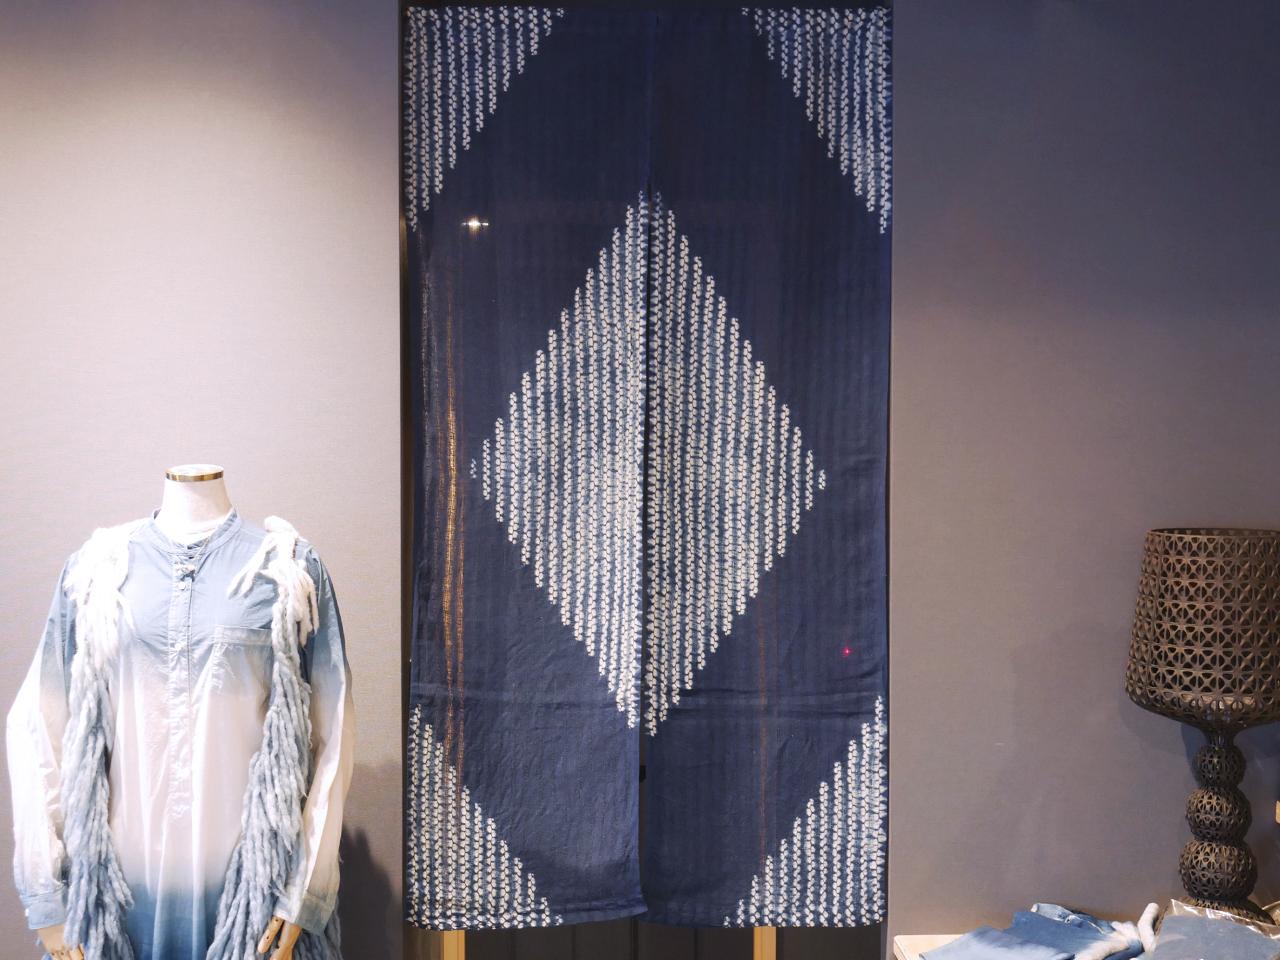 染色家・伊藤喜一朗作品「Noren Diamond」